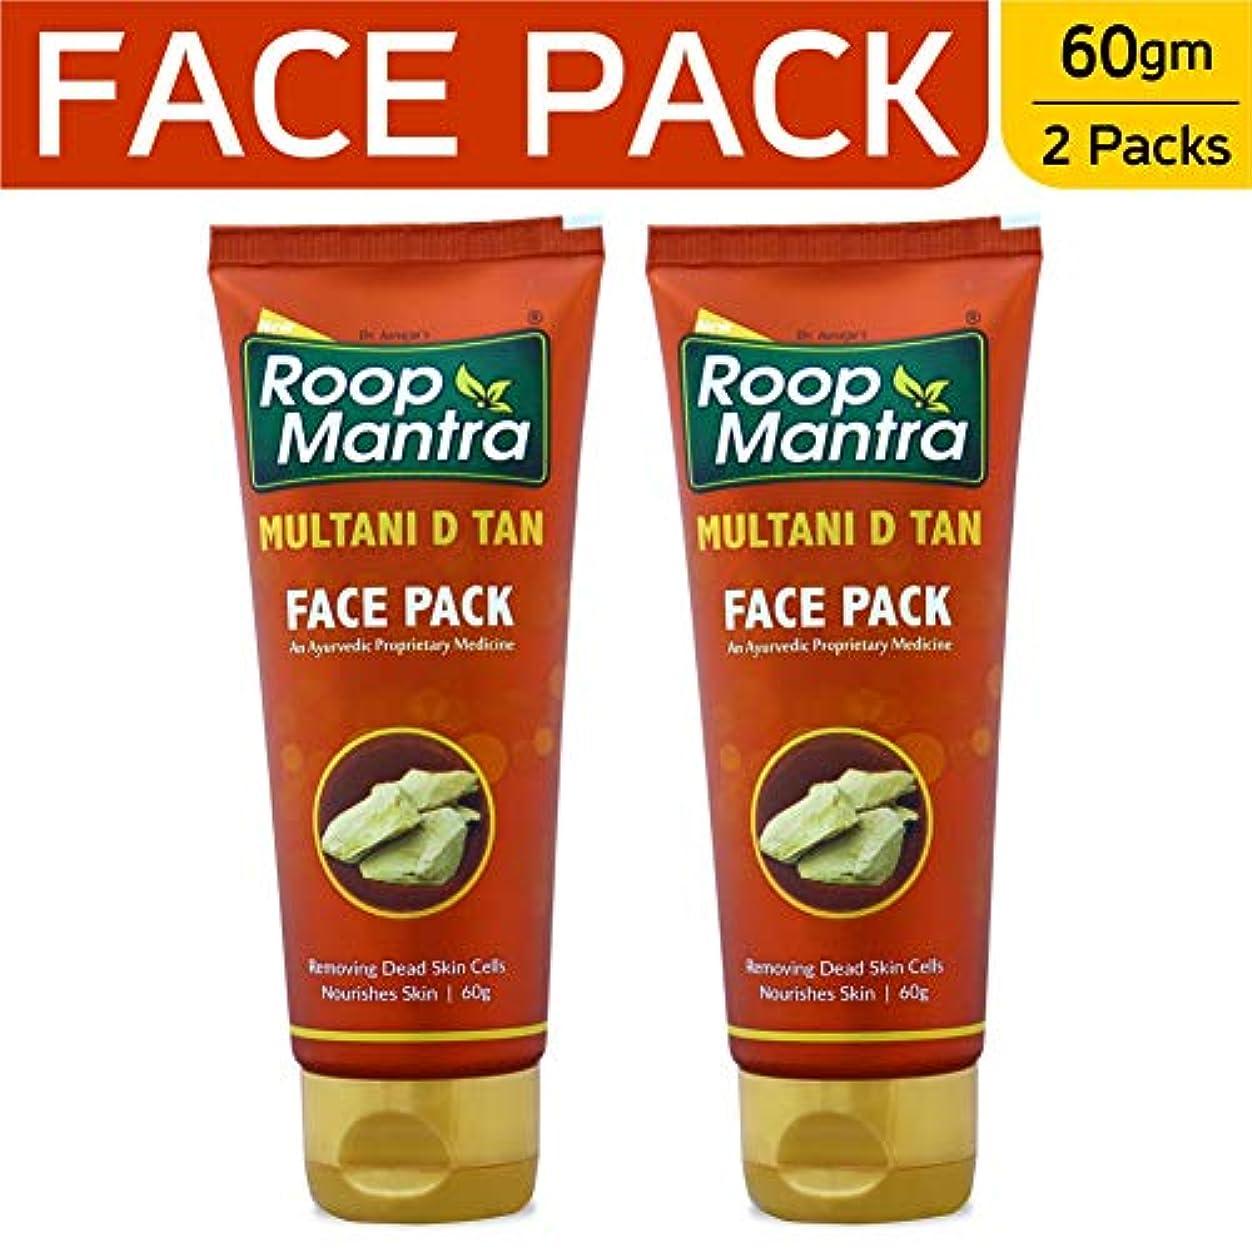 忠実に抗生物質ノミネートRoop Mantra Multani D Tan Face Pack, 60g (Pack of 2)